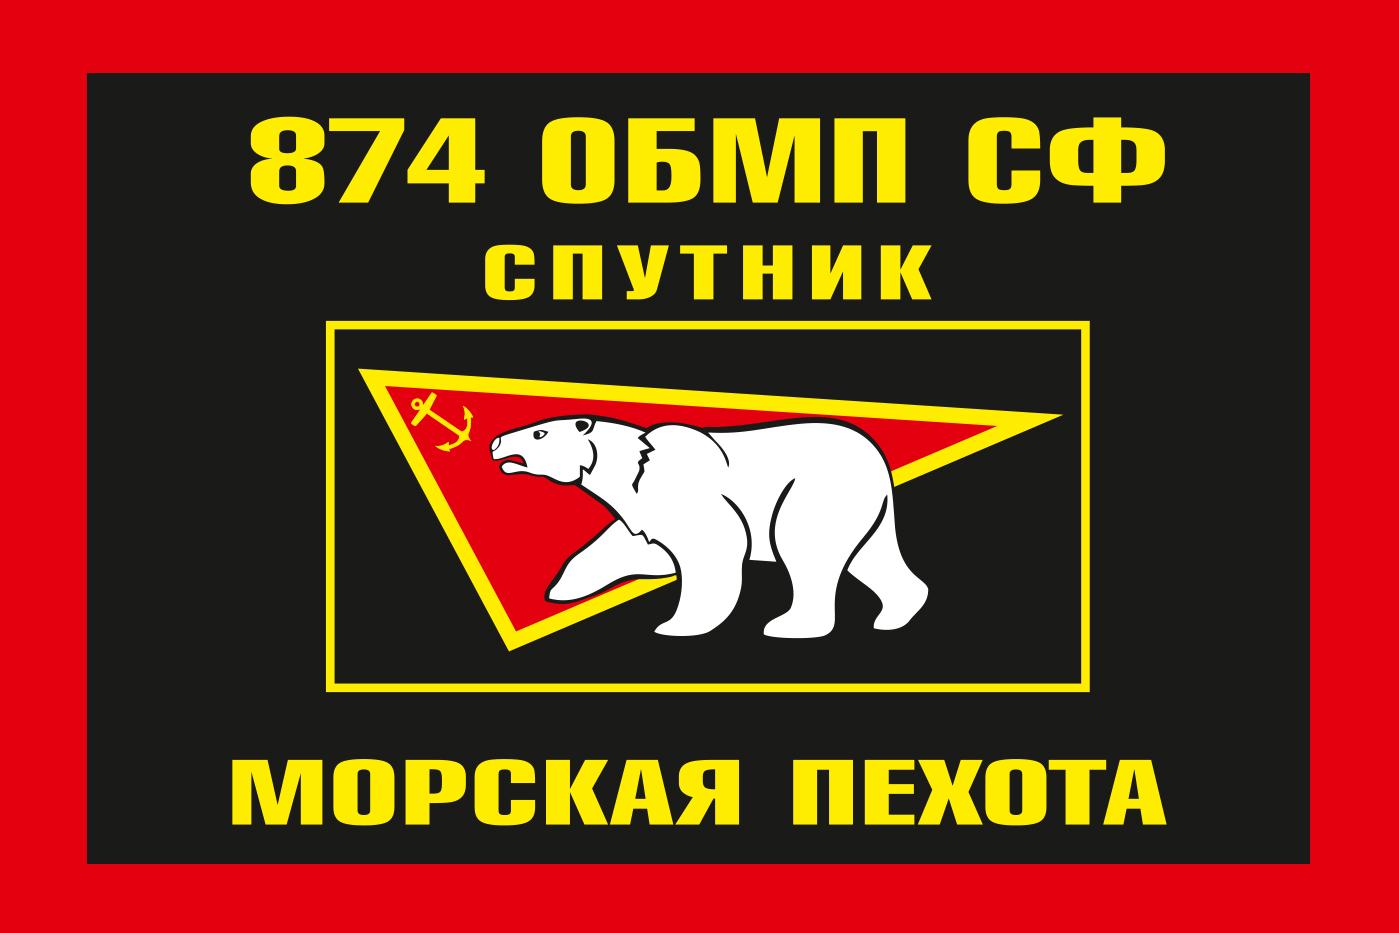 Флаг Морской пехоты 874 ОБМП Северный флот